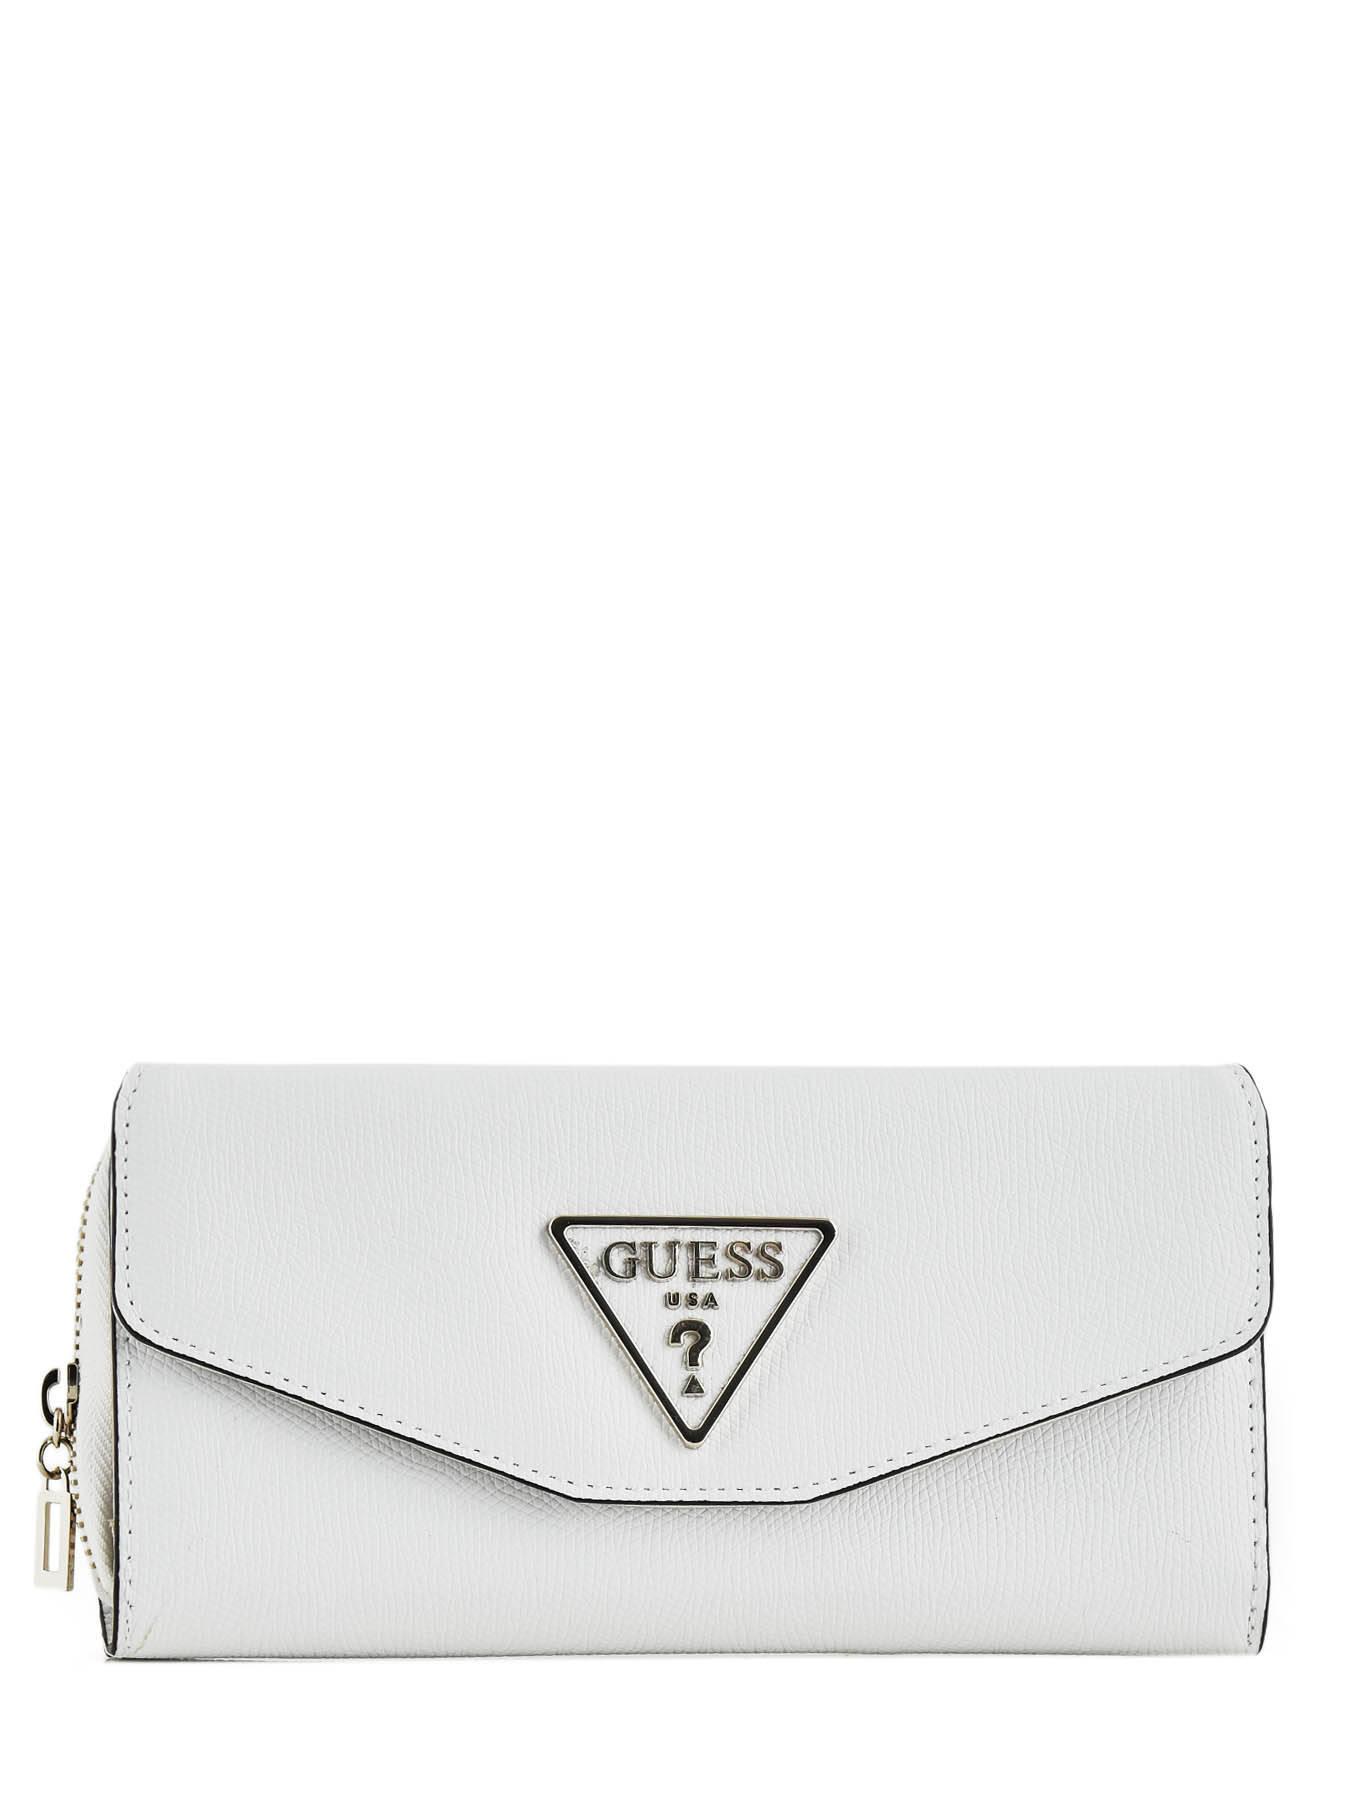 e25f413002 Portefeuille Guess SWVG.7291620 white en vente au meilleur prix